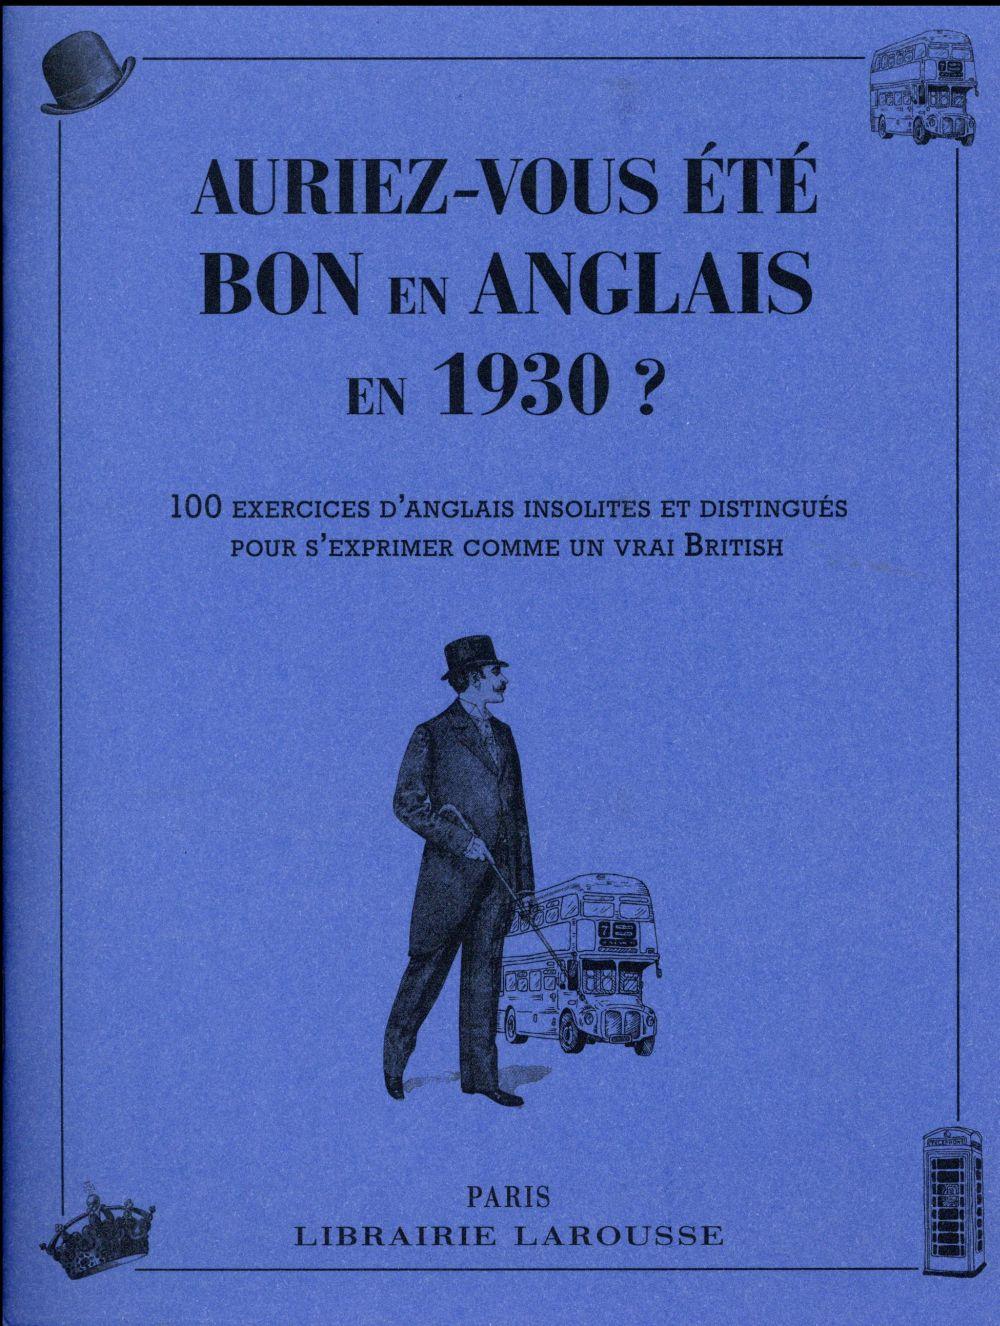 AURIEZ-VOUS ETE BON EN ANGLAIS EN 1930 ? XXX Larousse